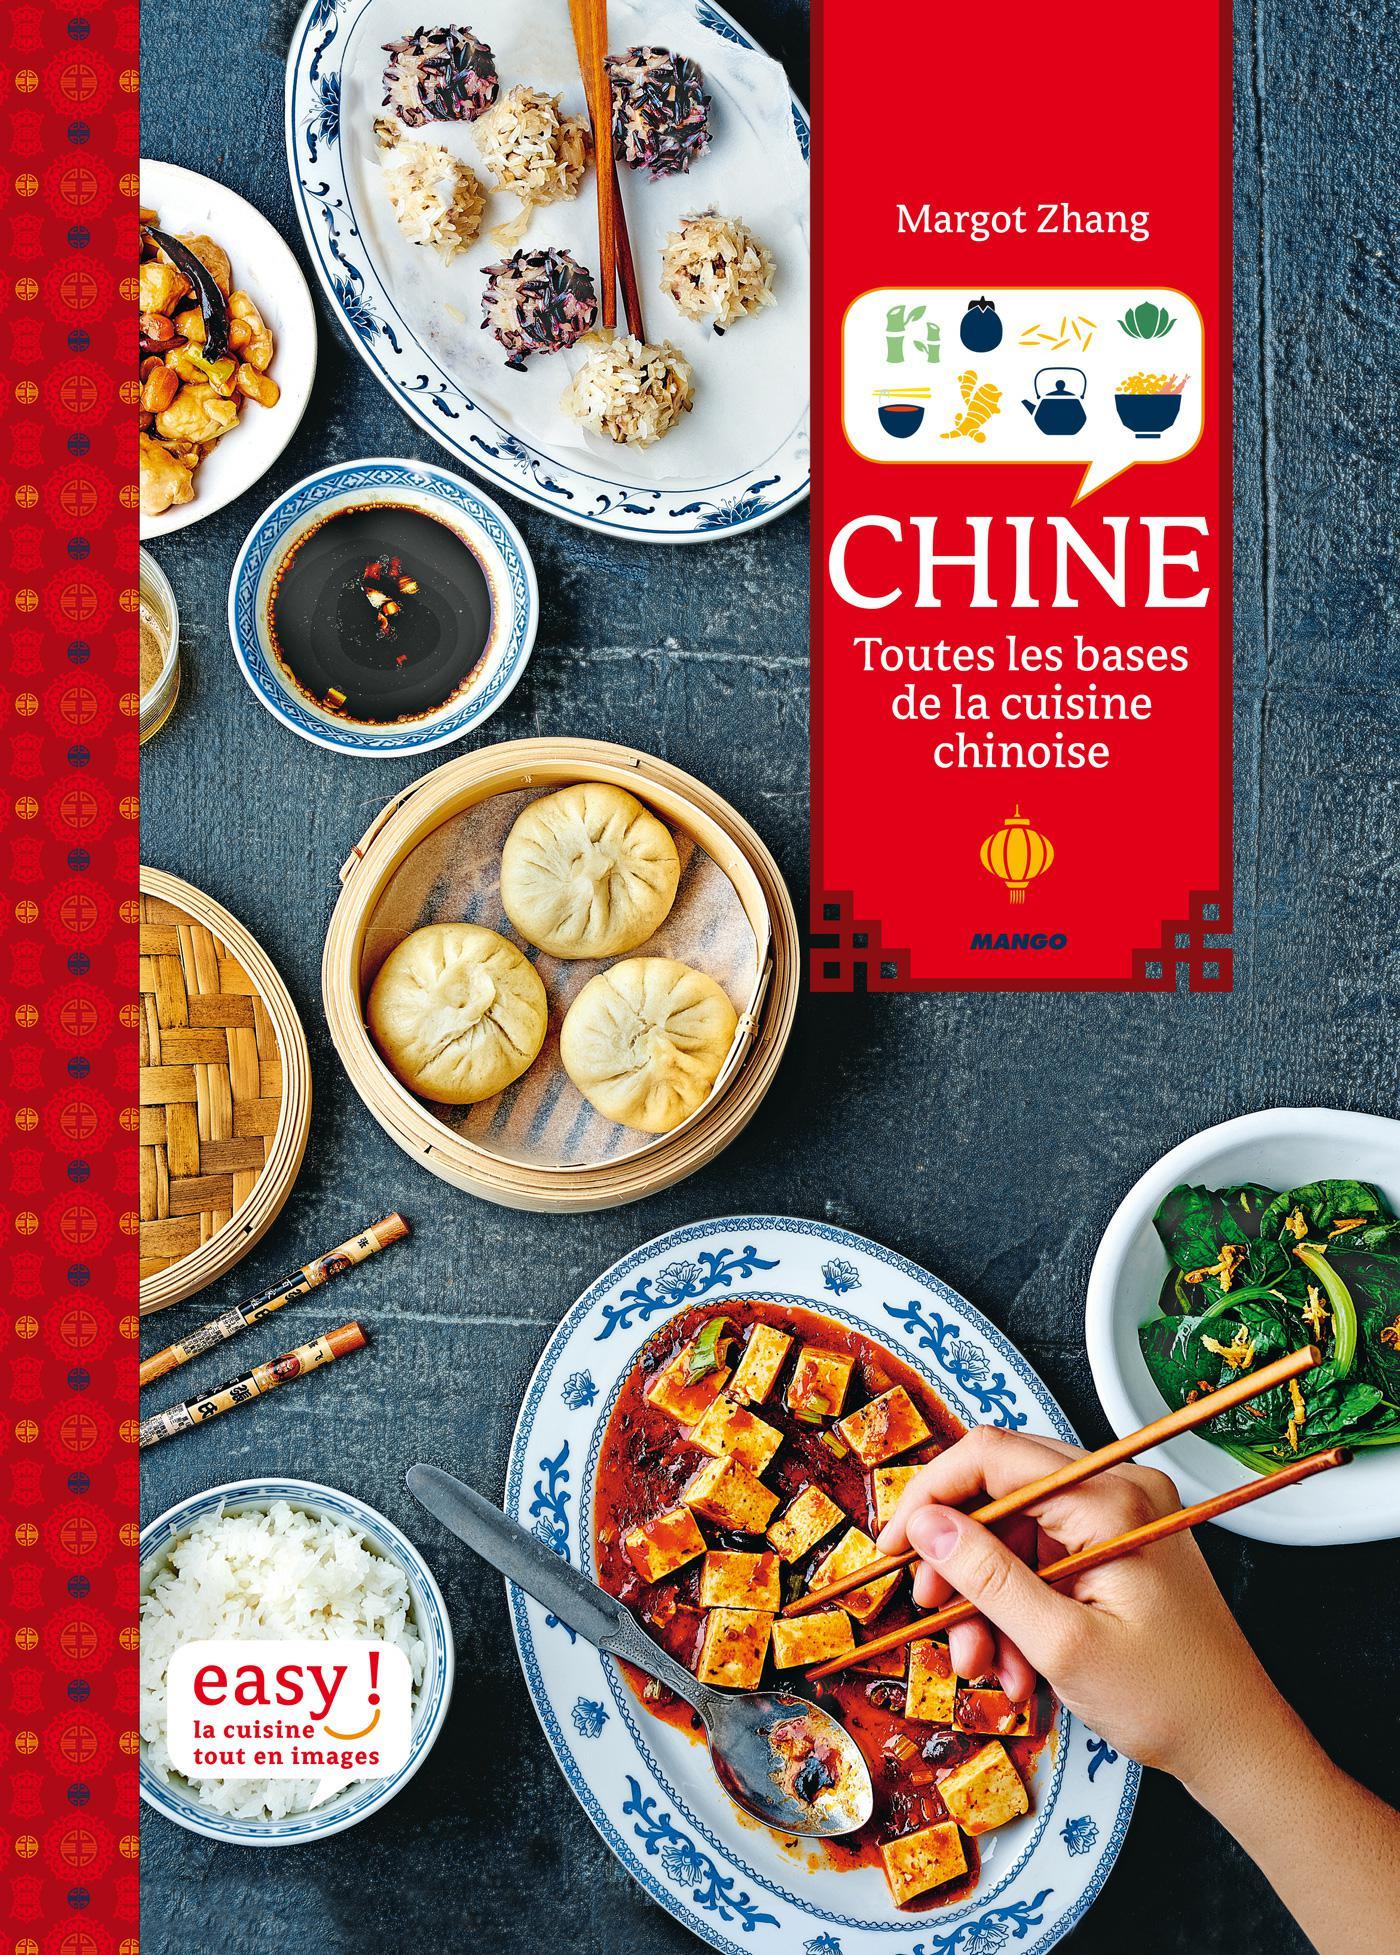 télécharger Chine : Toutes les bases de la cuisine chinoise. Mango